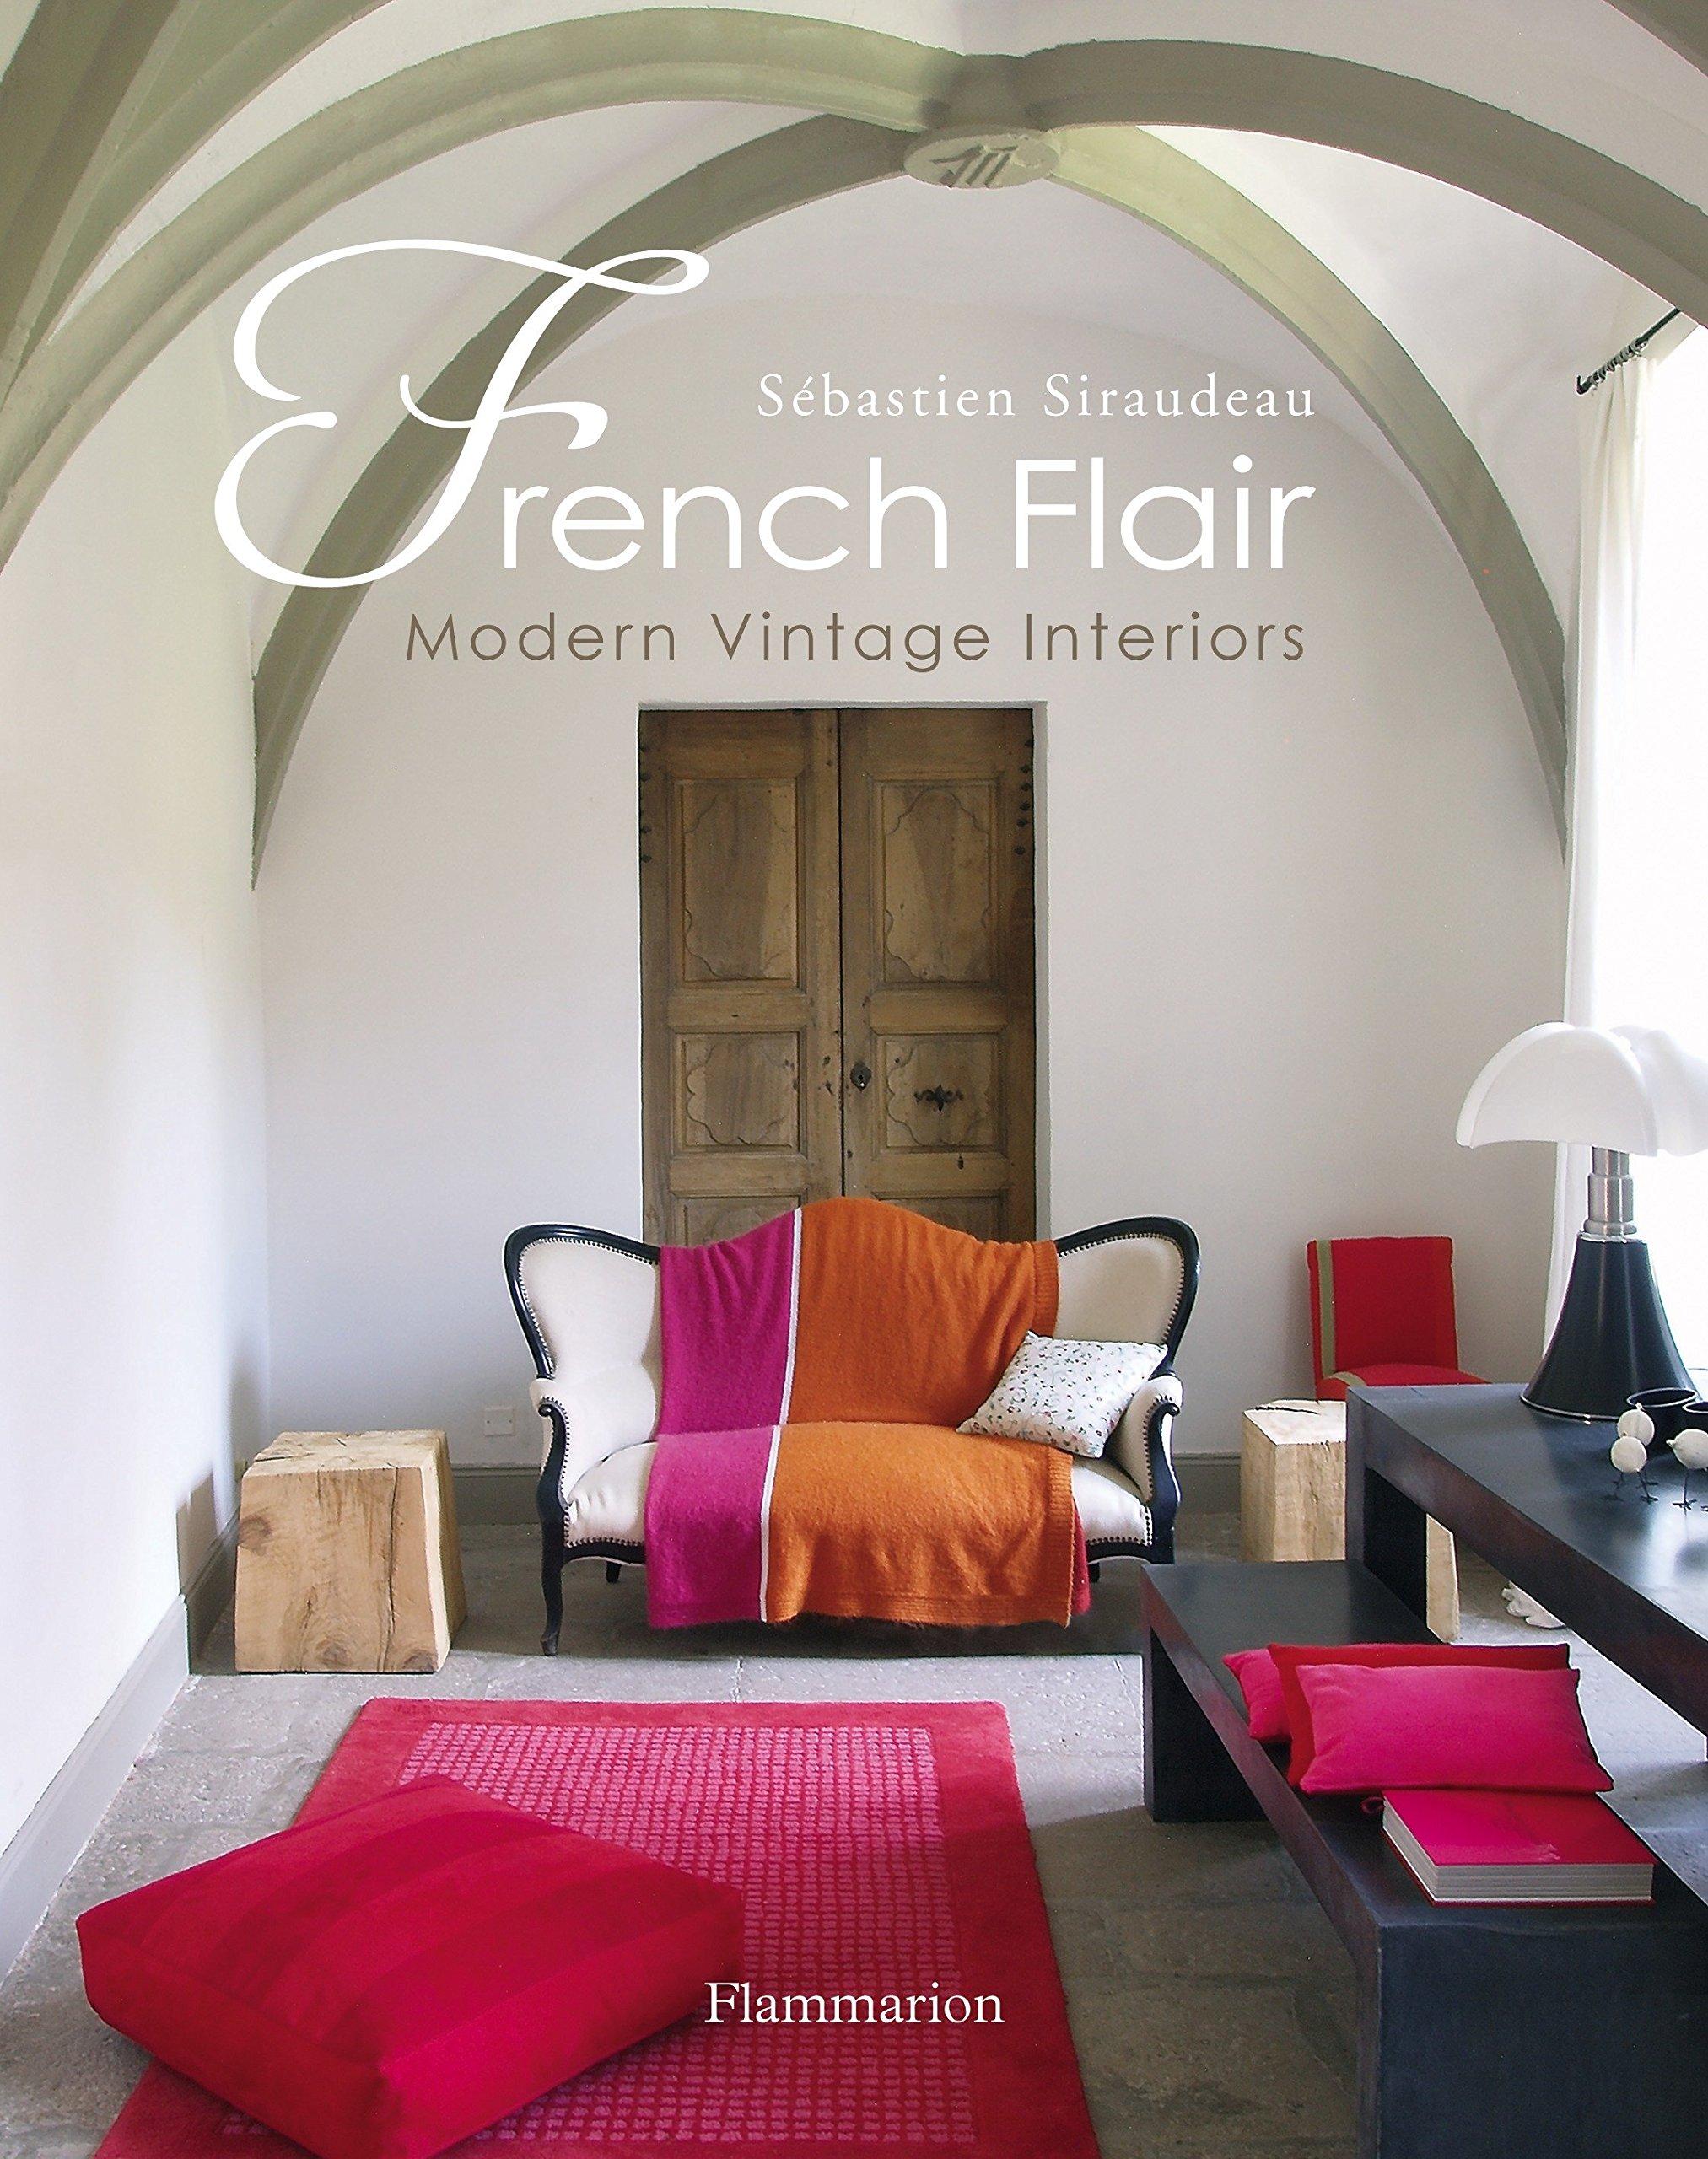 French Flair Modern Vintage Interiors Sebastien Siraudeau